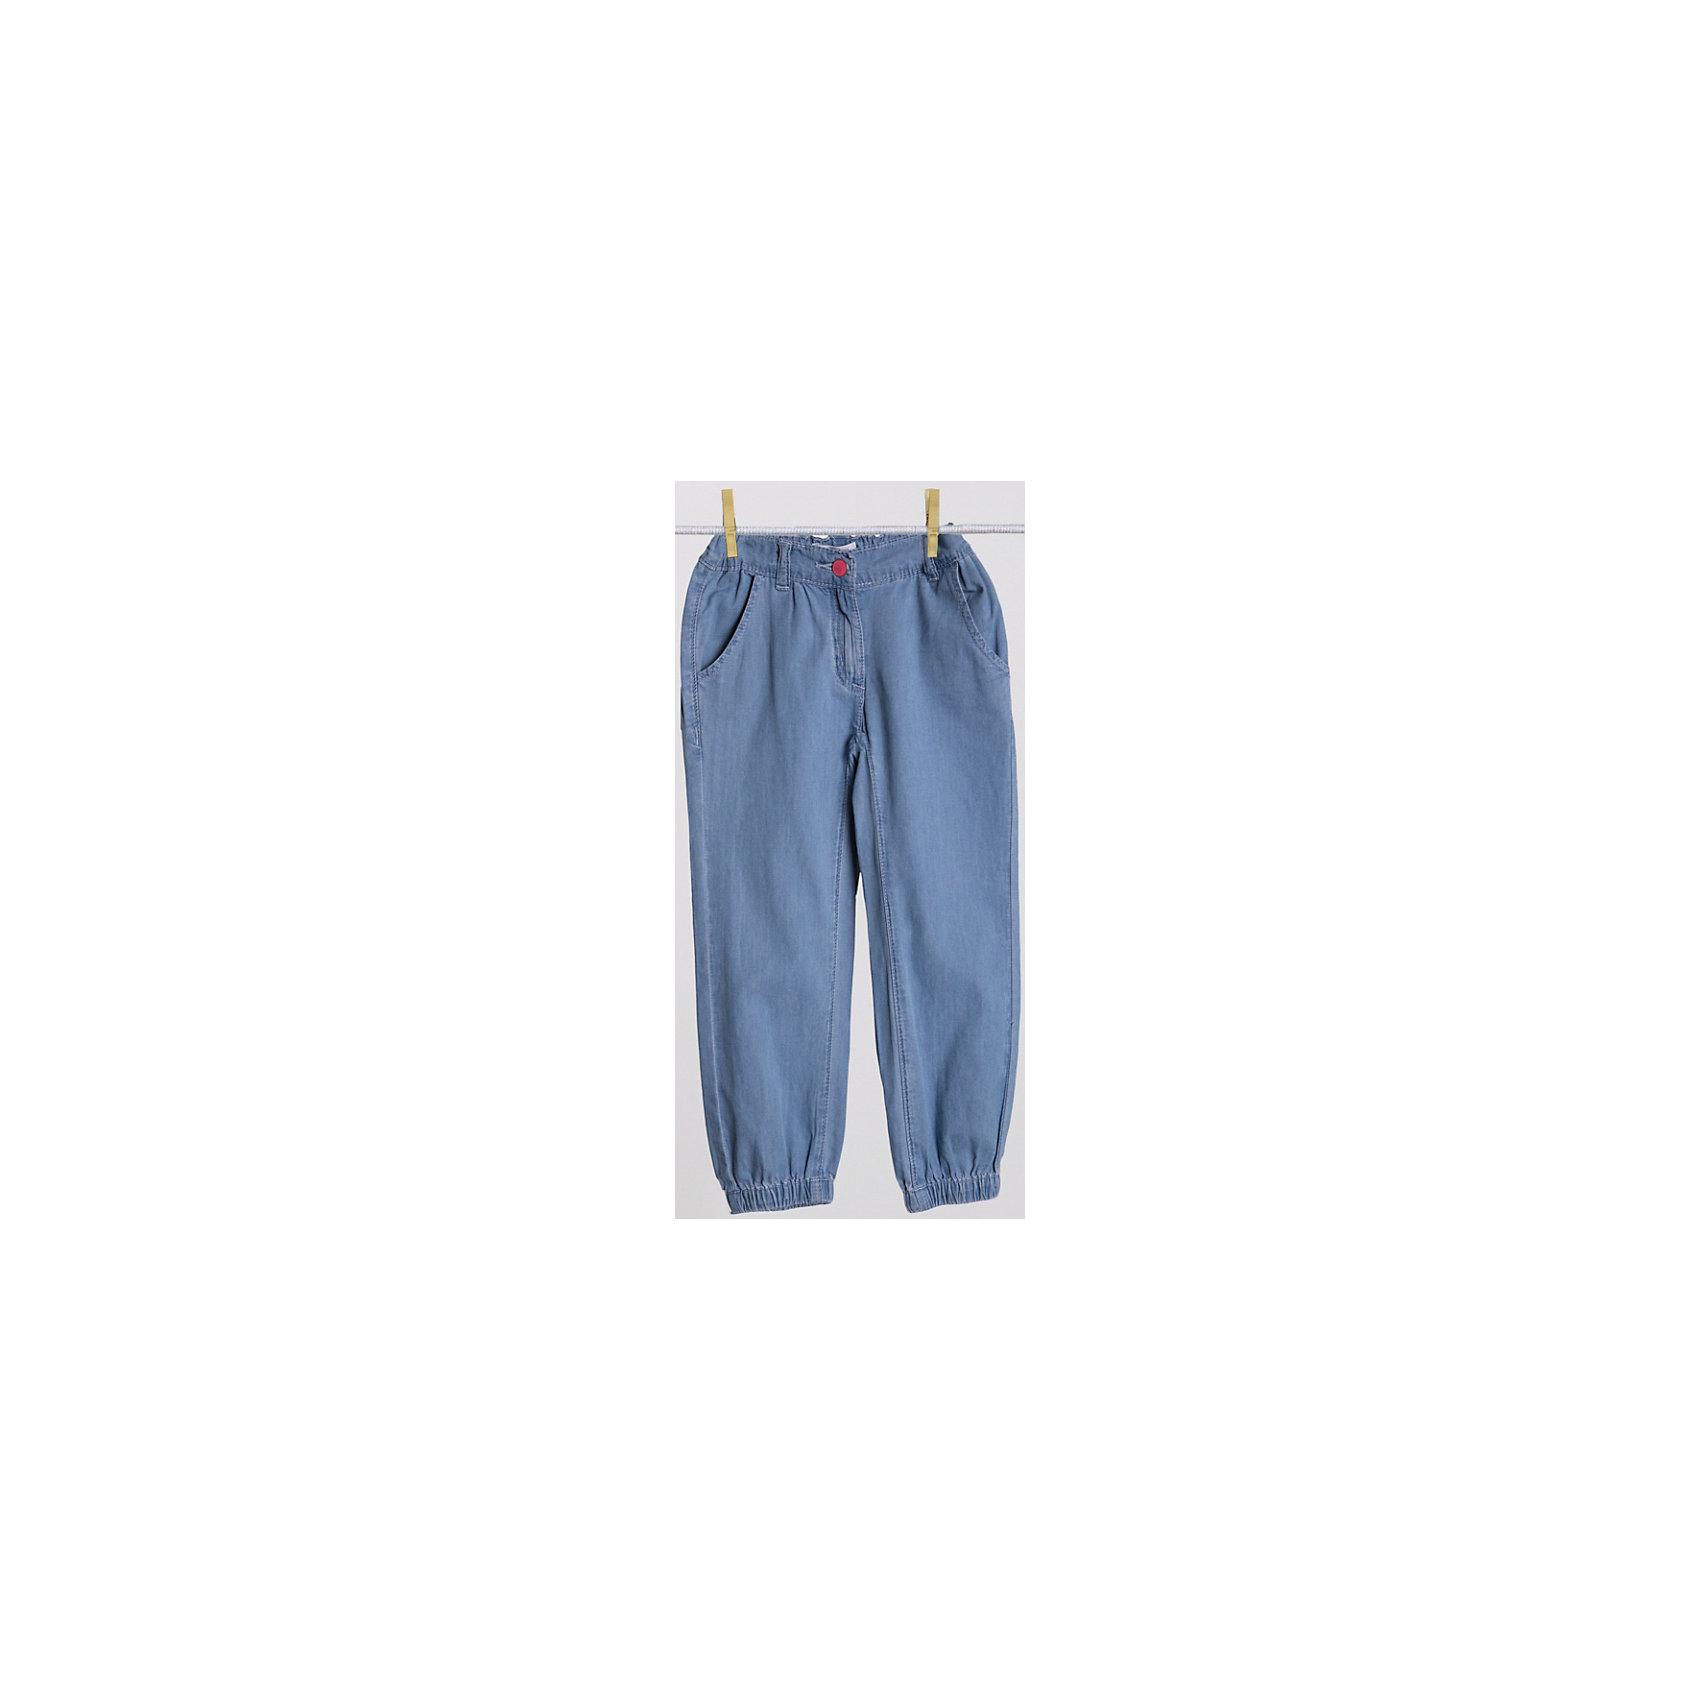 Брюки для девочки PlayTodayЛегкие джинсовые брюки из чистого хлопка. Пояс и низ штанишек на резинке. Застегиваются на молнию и металлическую пуговицу. Есть два кармашка. Состав: 100% хлопок<br><br>Ширина мм: 215<br>Глубина мм: 88<br>Высота мм: 191<br>Вес г: 336<br>Цвет: голубой<br>Возраст от месяцев: 48<br>Возраст до месяцев: 60<br>Пол: Женский<br>Возраст: Детский<br>Размер: 110,104,122,98,128,116<br>SKU: 4652407